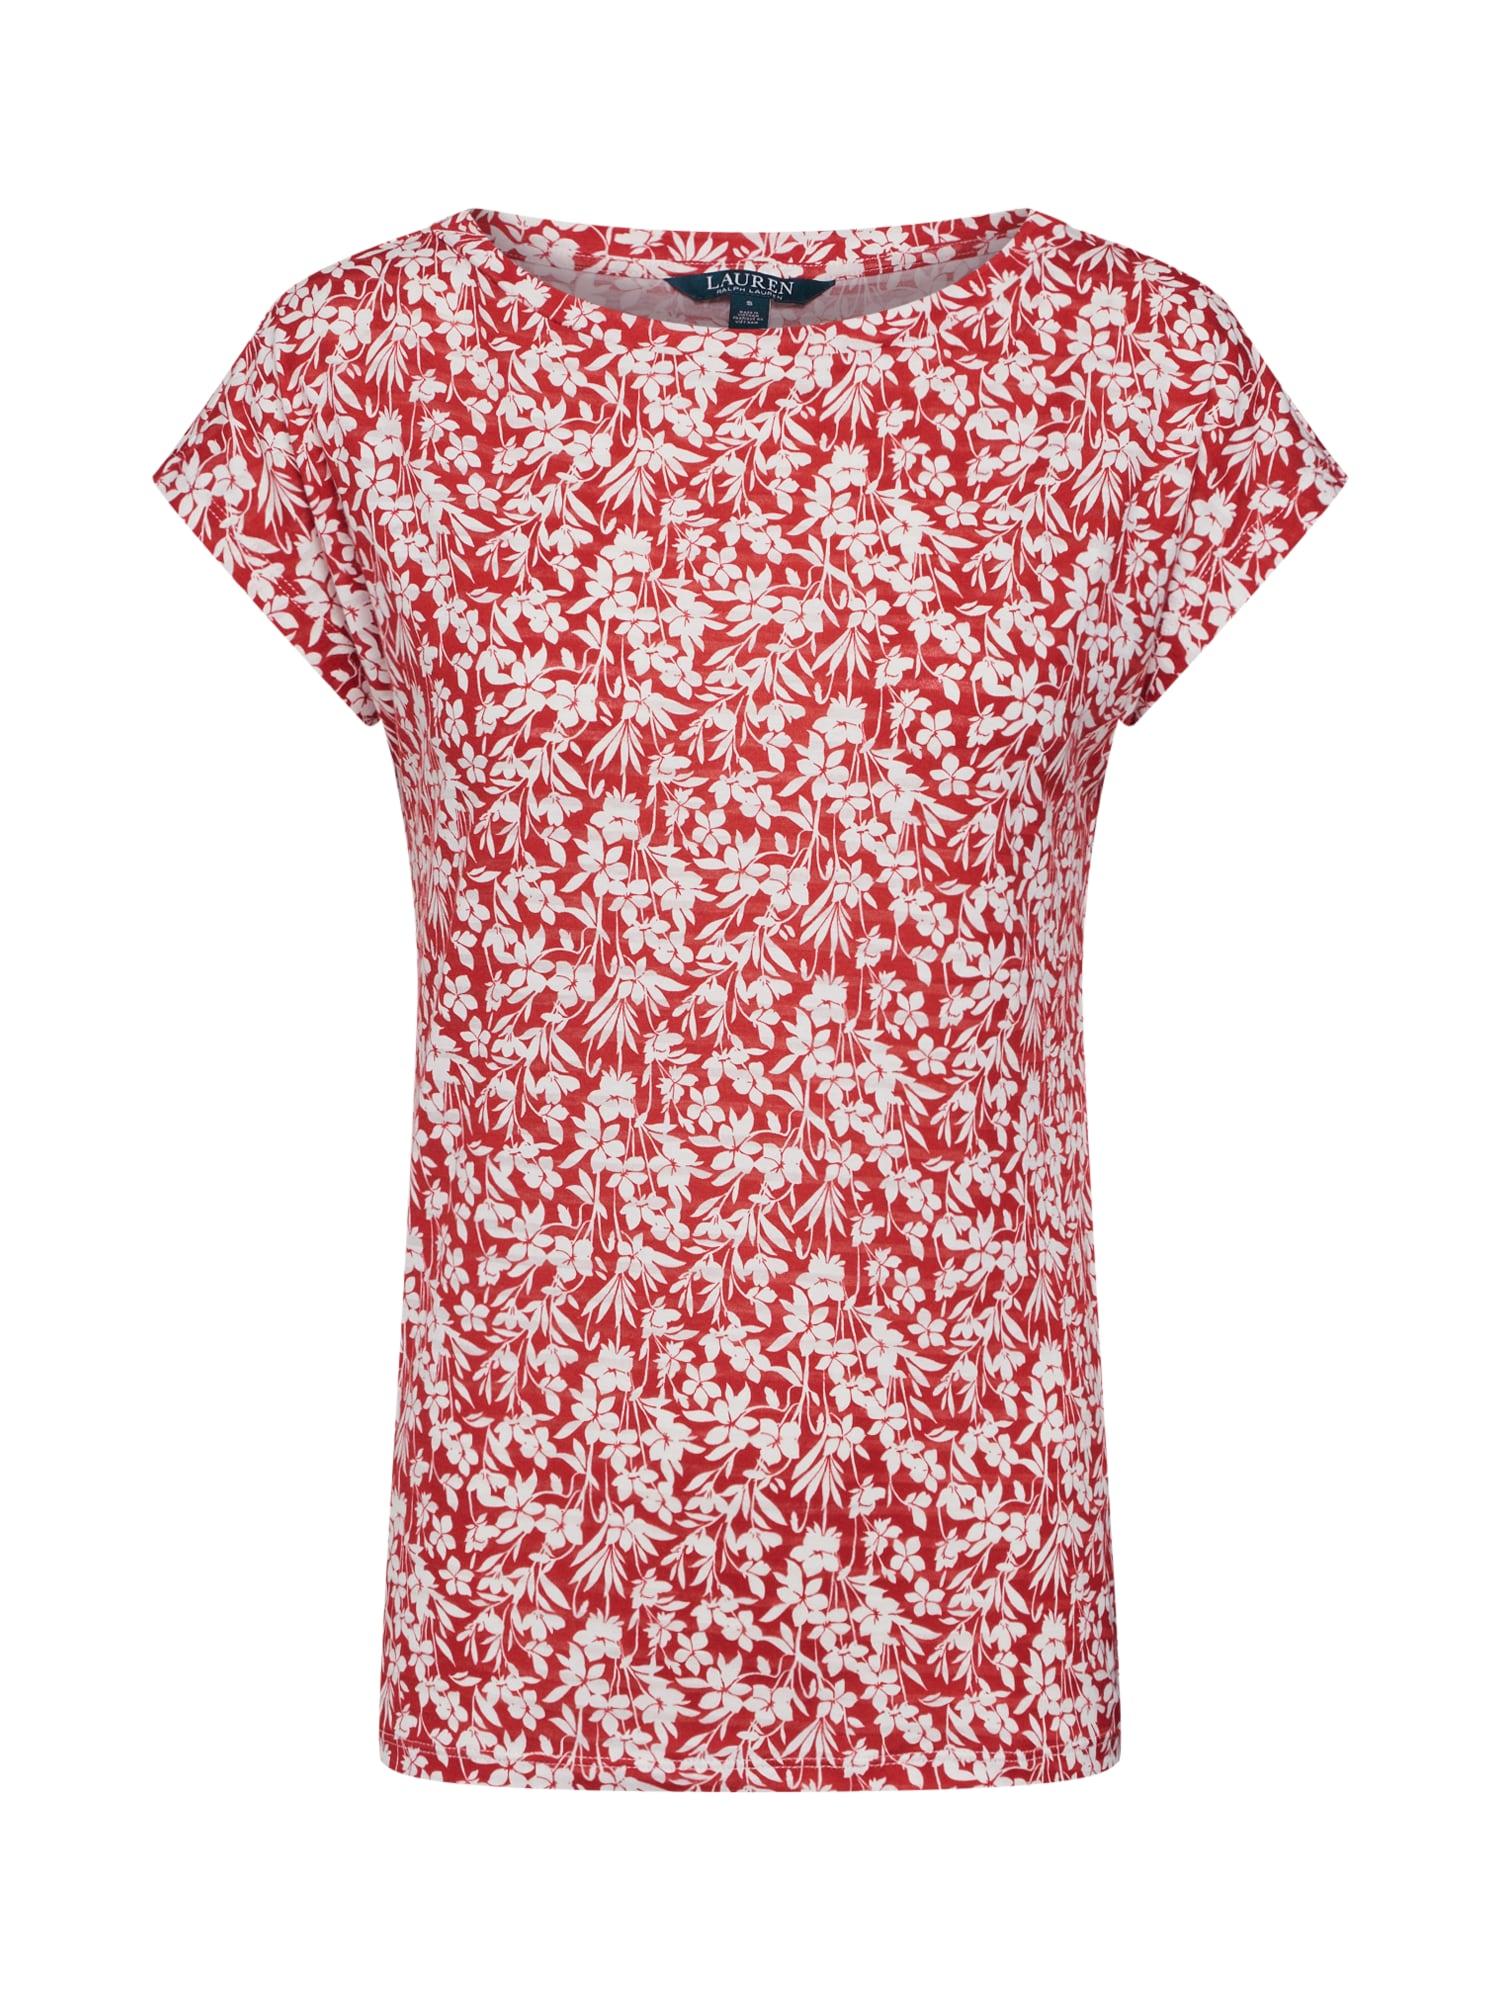 Tričko GRIETA červená bílá Lauren Ralph Lauren